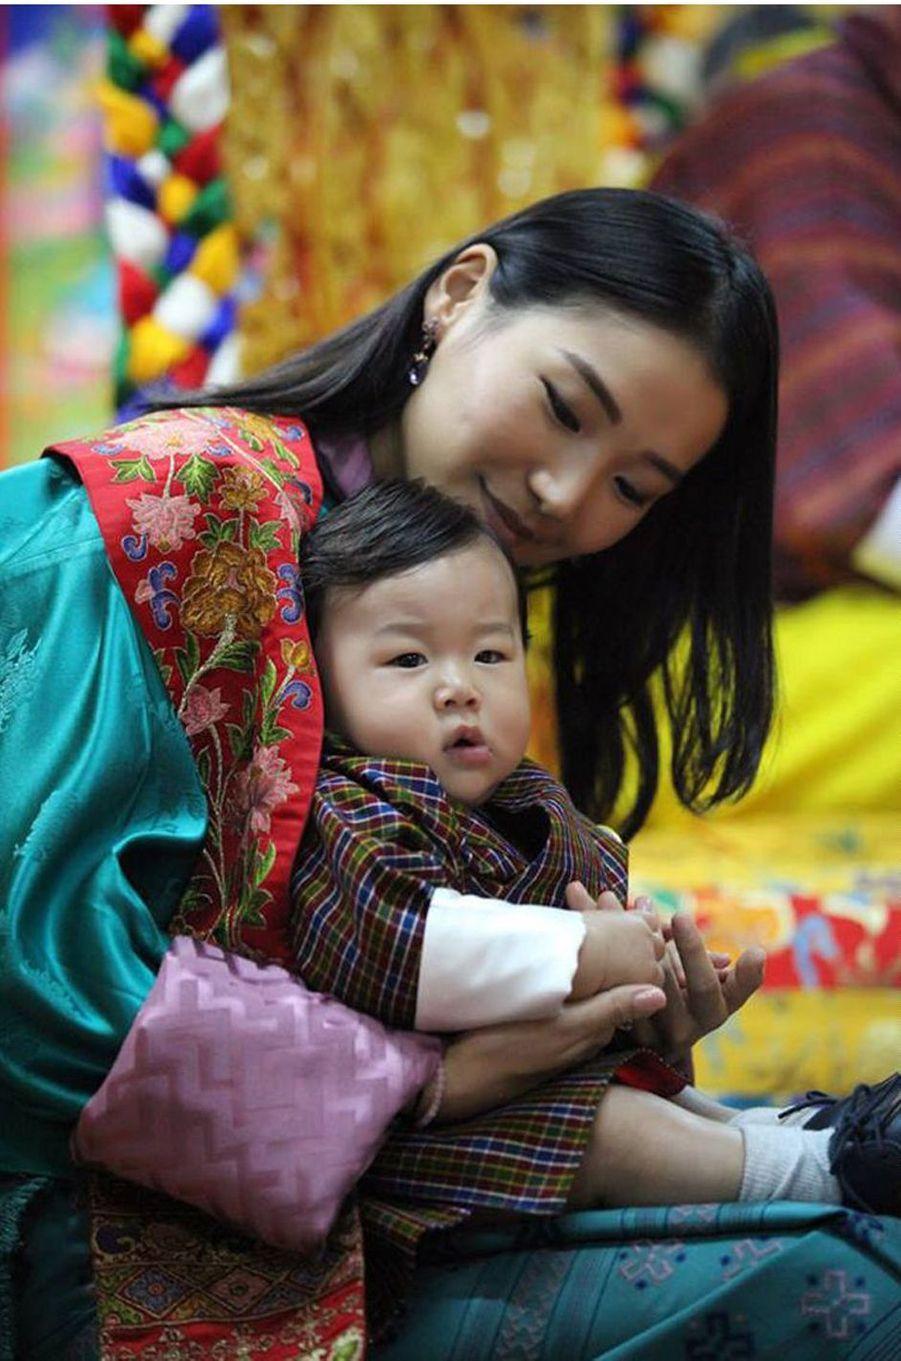 Le prince héritier du Bhoutan Jigme Namgyel Wangchuck avec sa mère la reine Jetsun Pema, le 11 août 2016